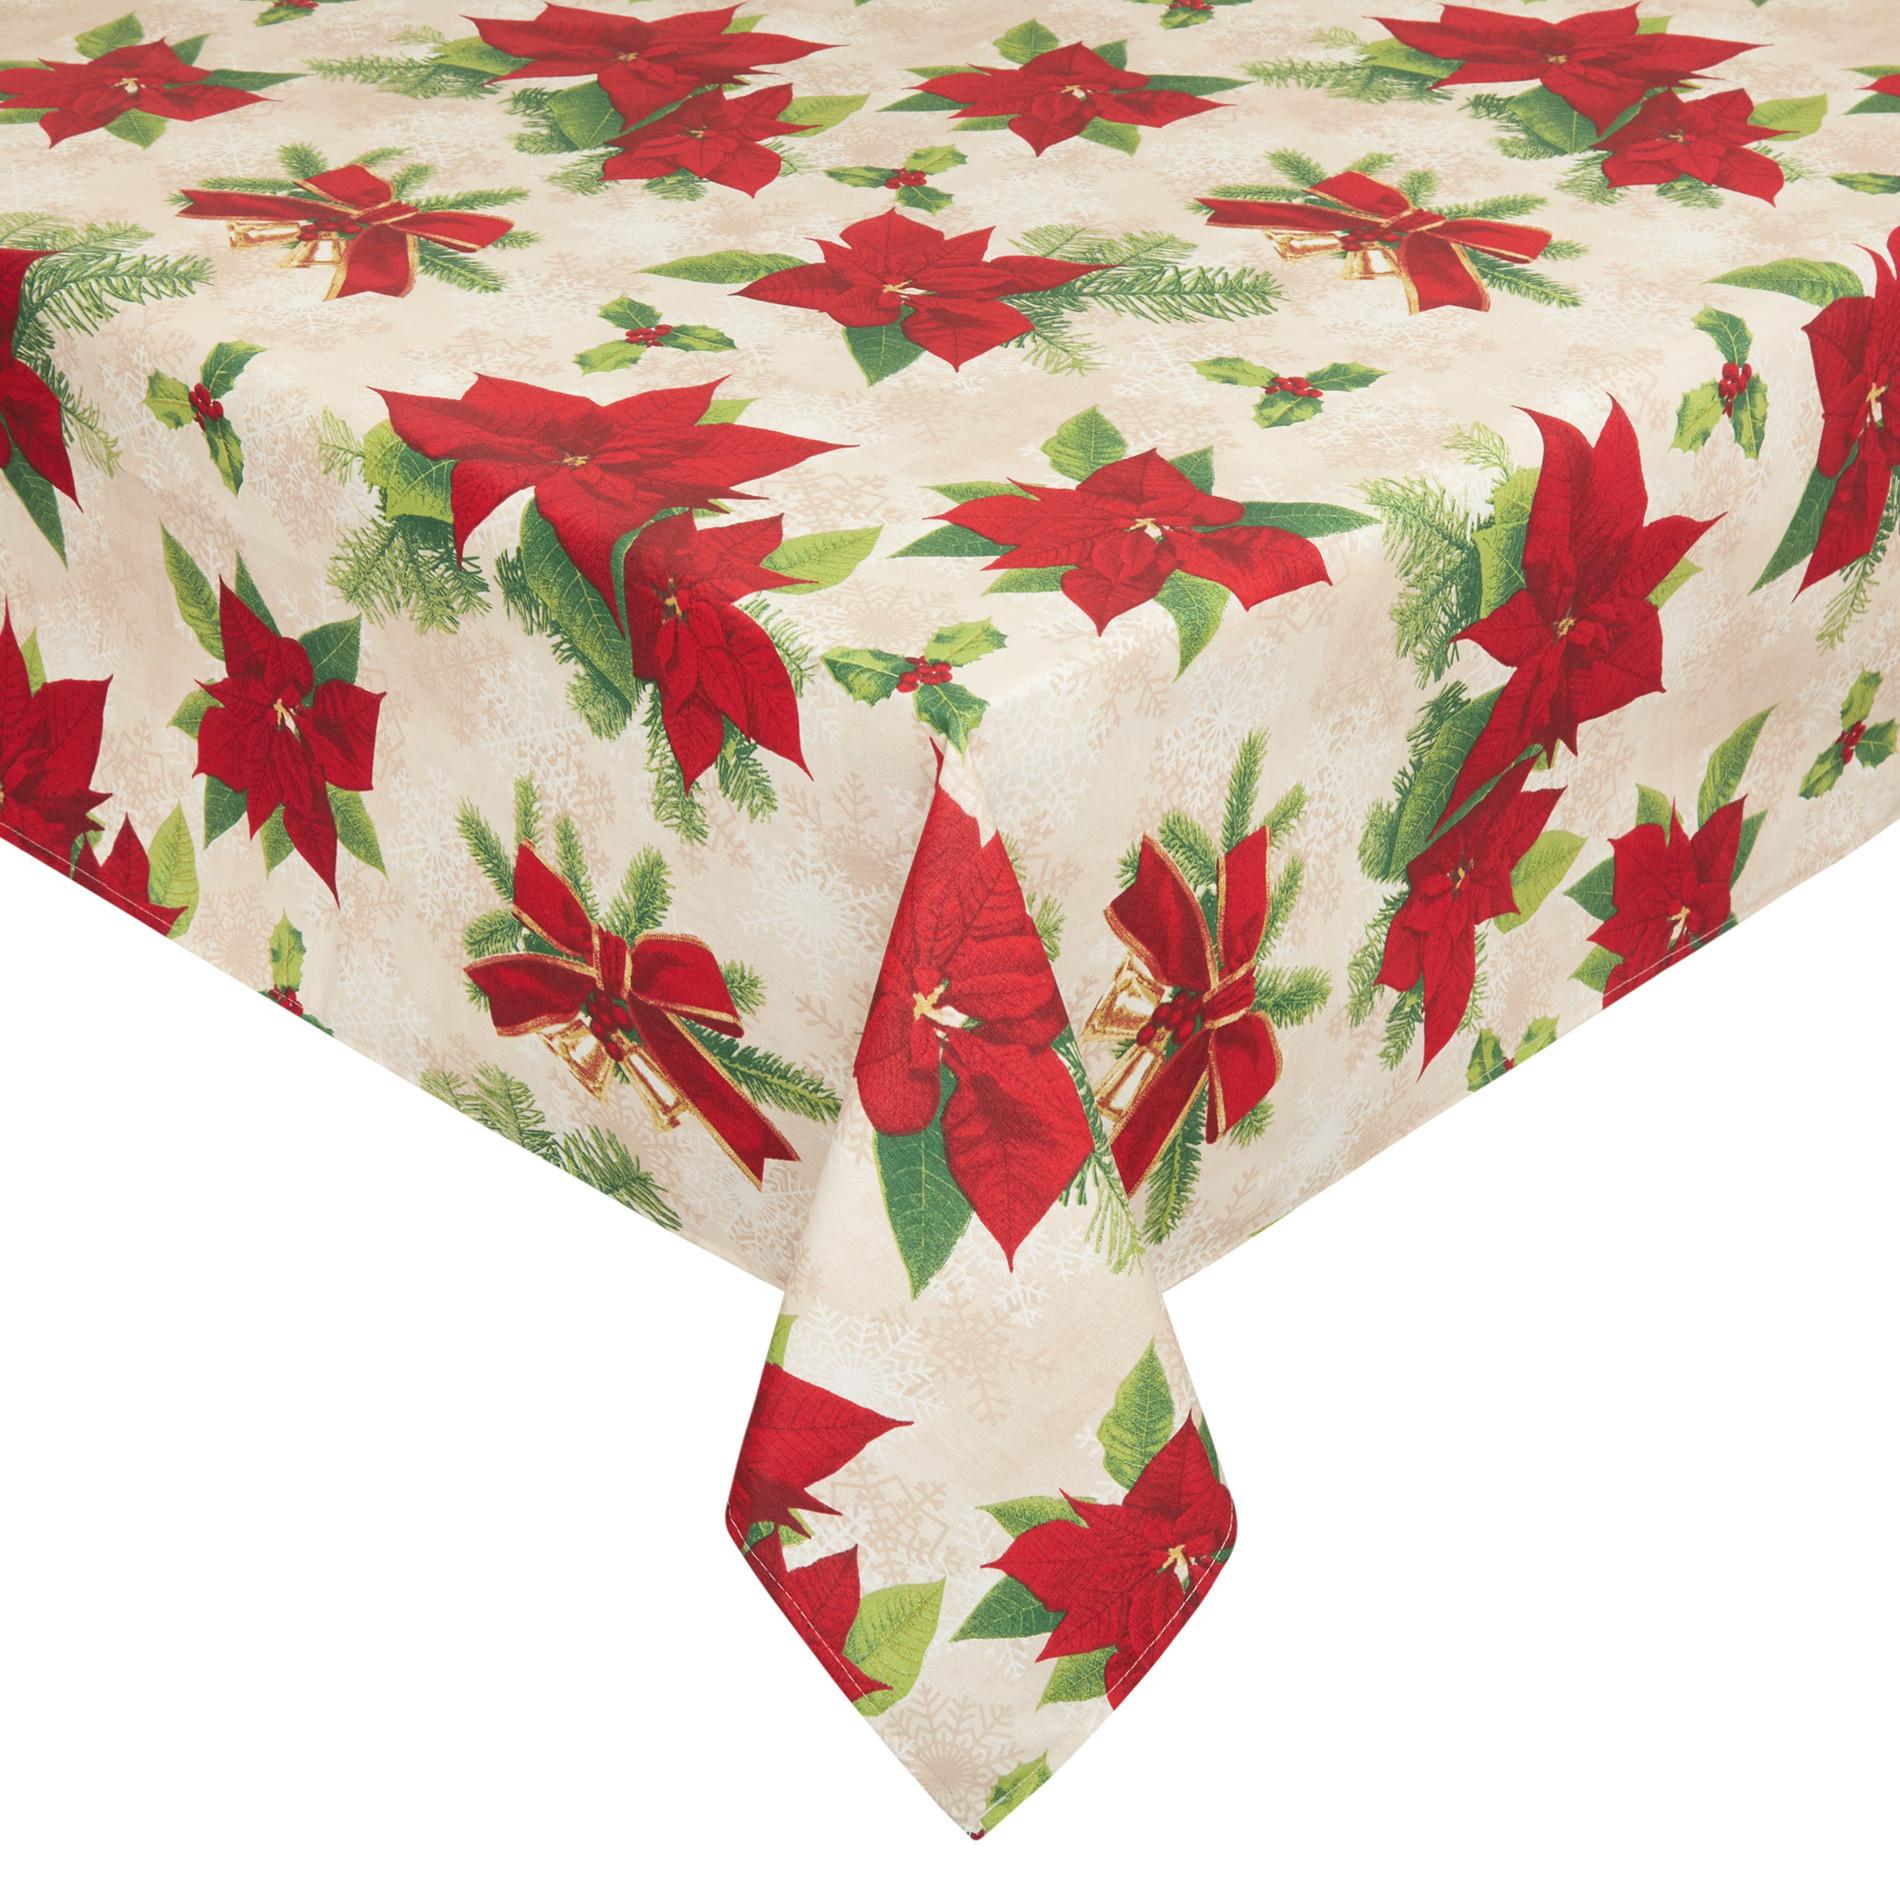 Tovaglia tessuto idrorepellente stampa natalizia, Bianco/Rosso, large image number 0